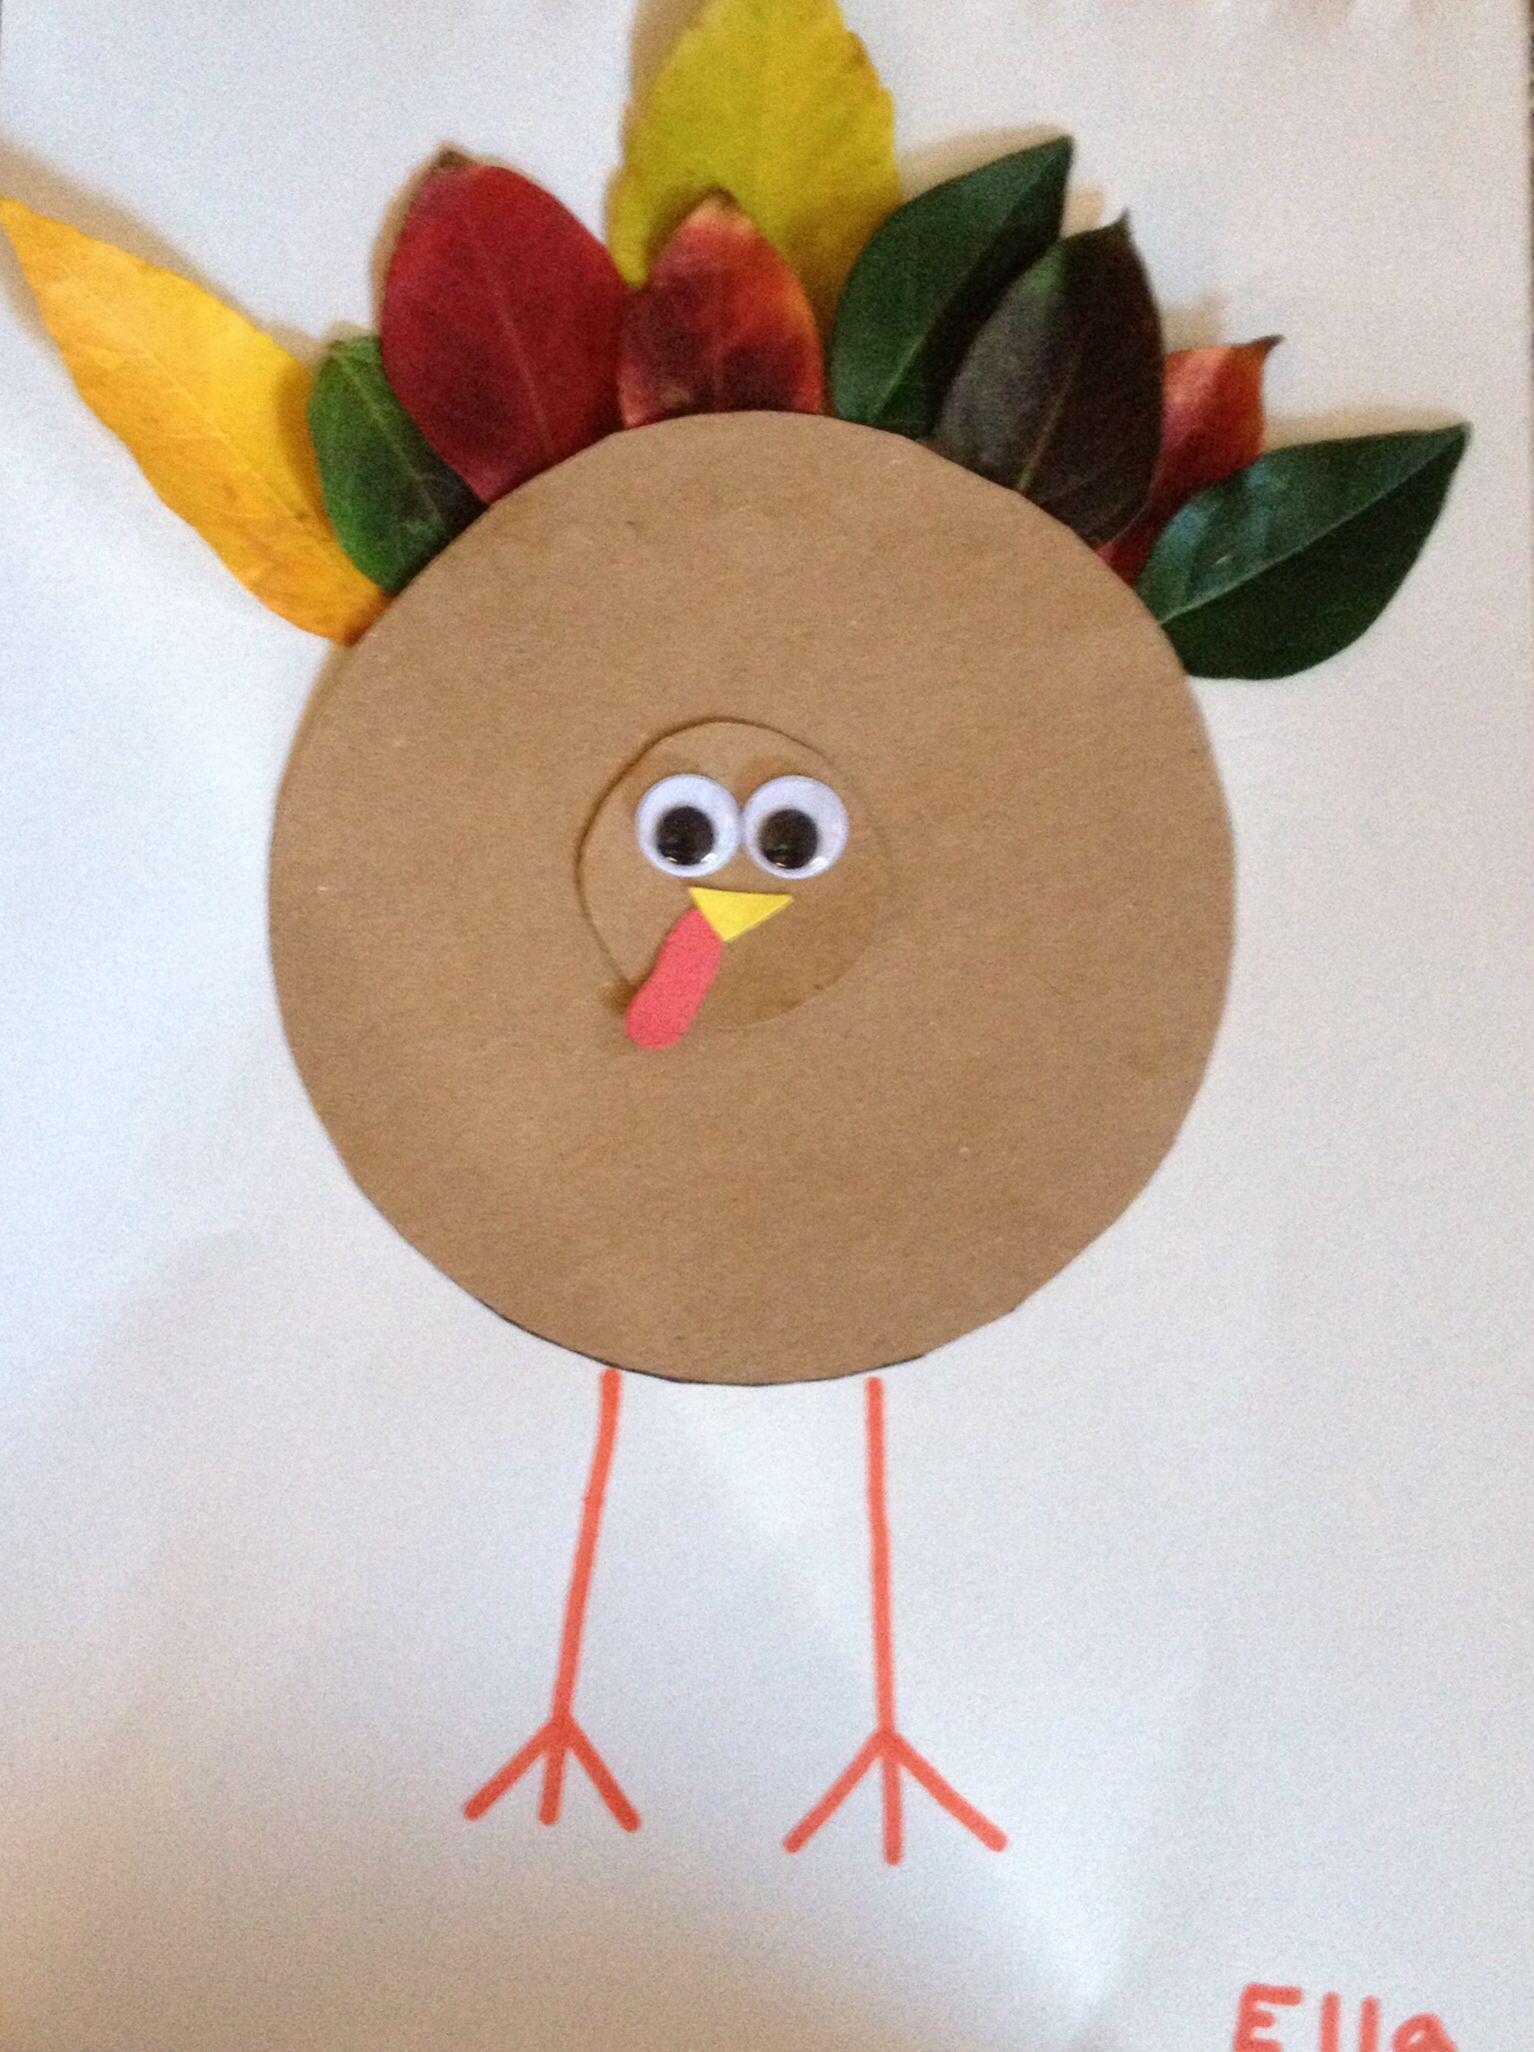 Thanksgiving turkey craft first grade crafts pinterest for Turkey crafts for first grade